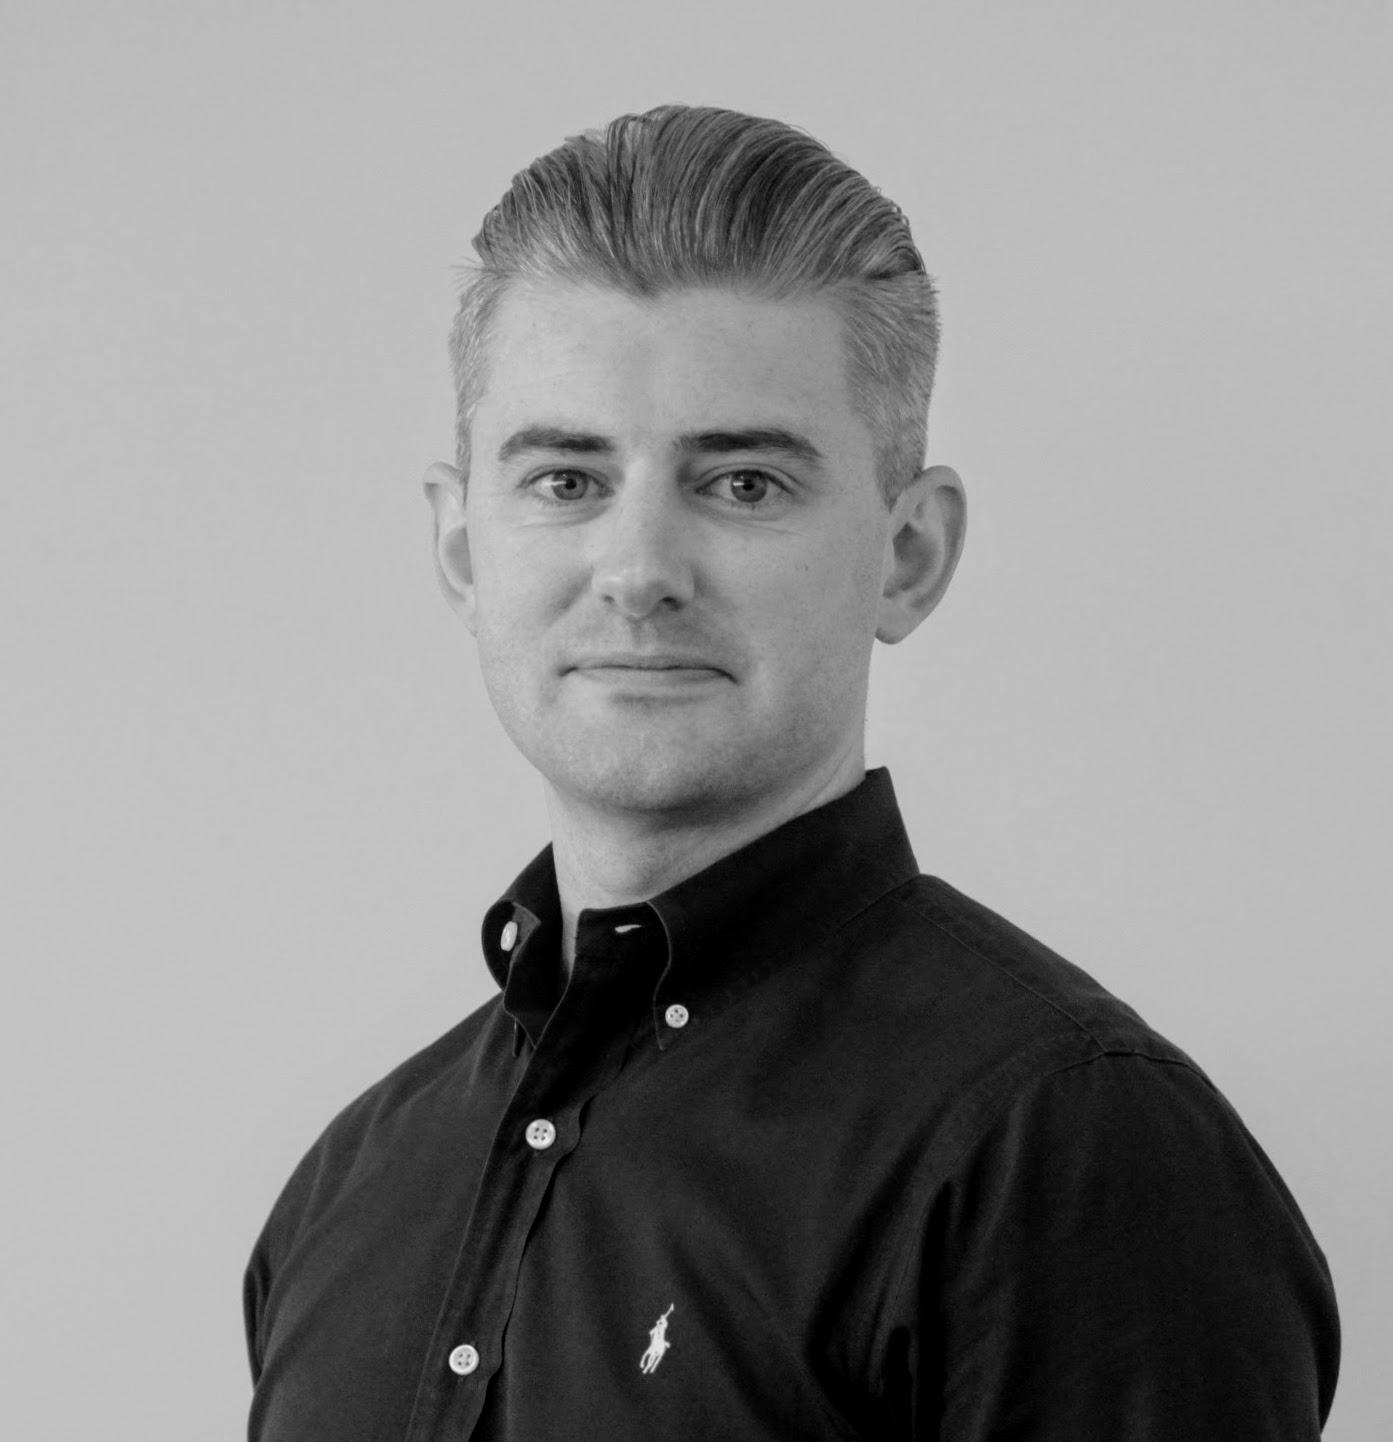 Ryan Heddich